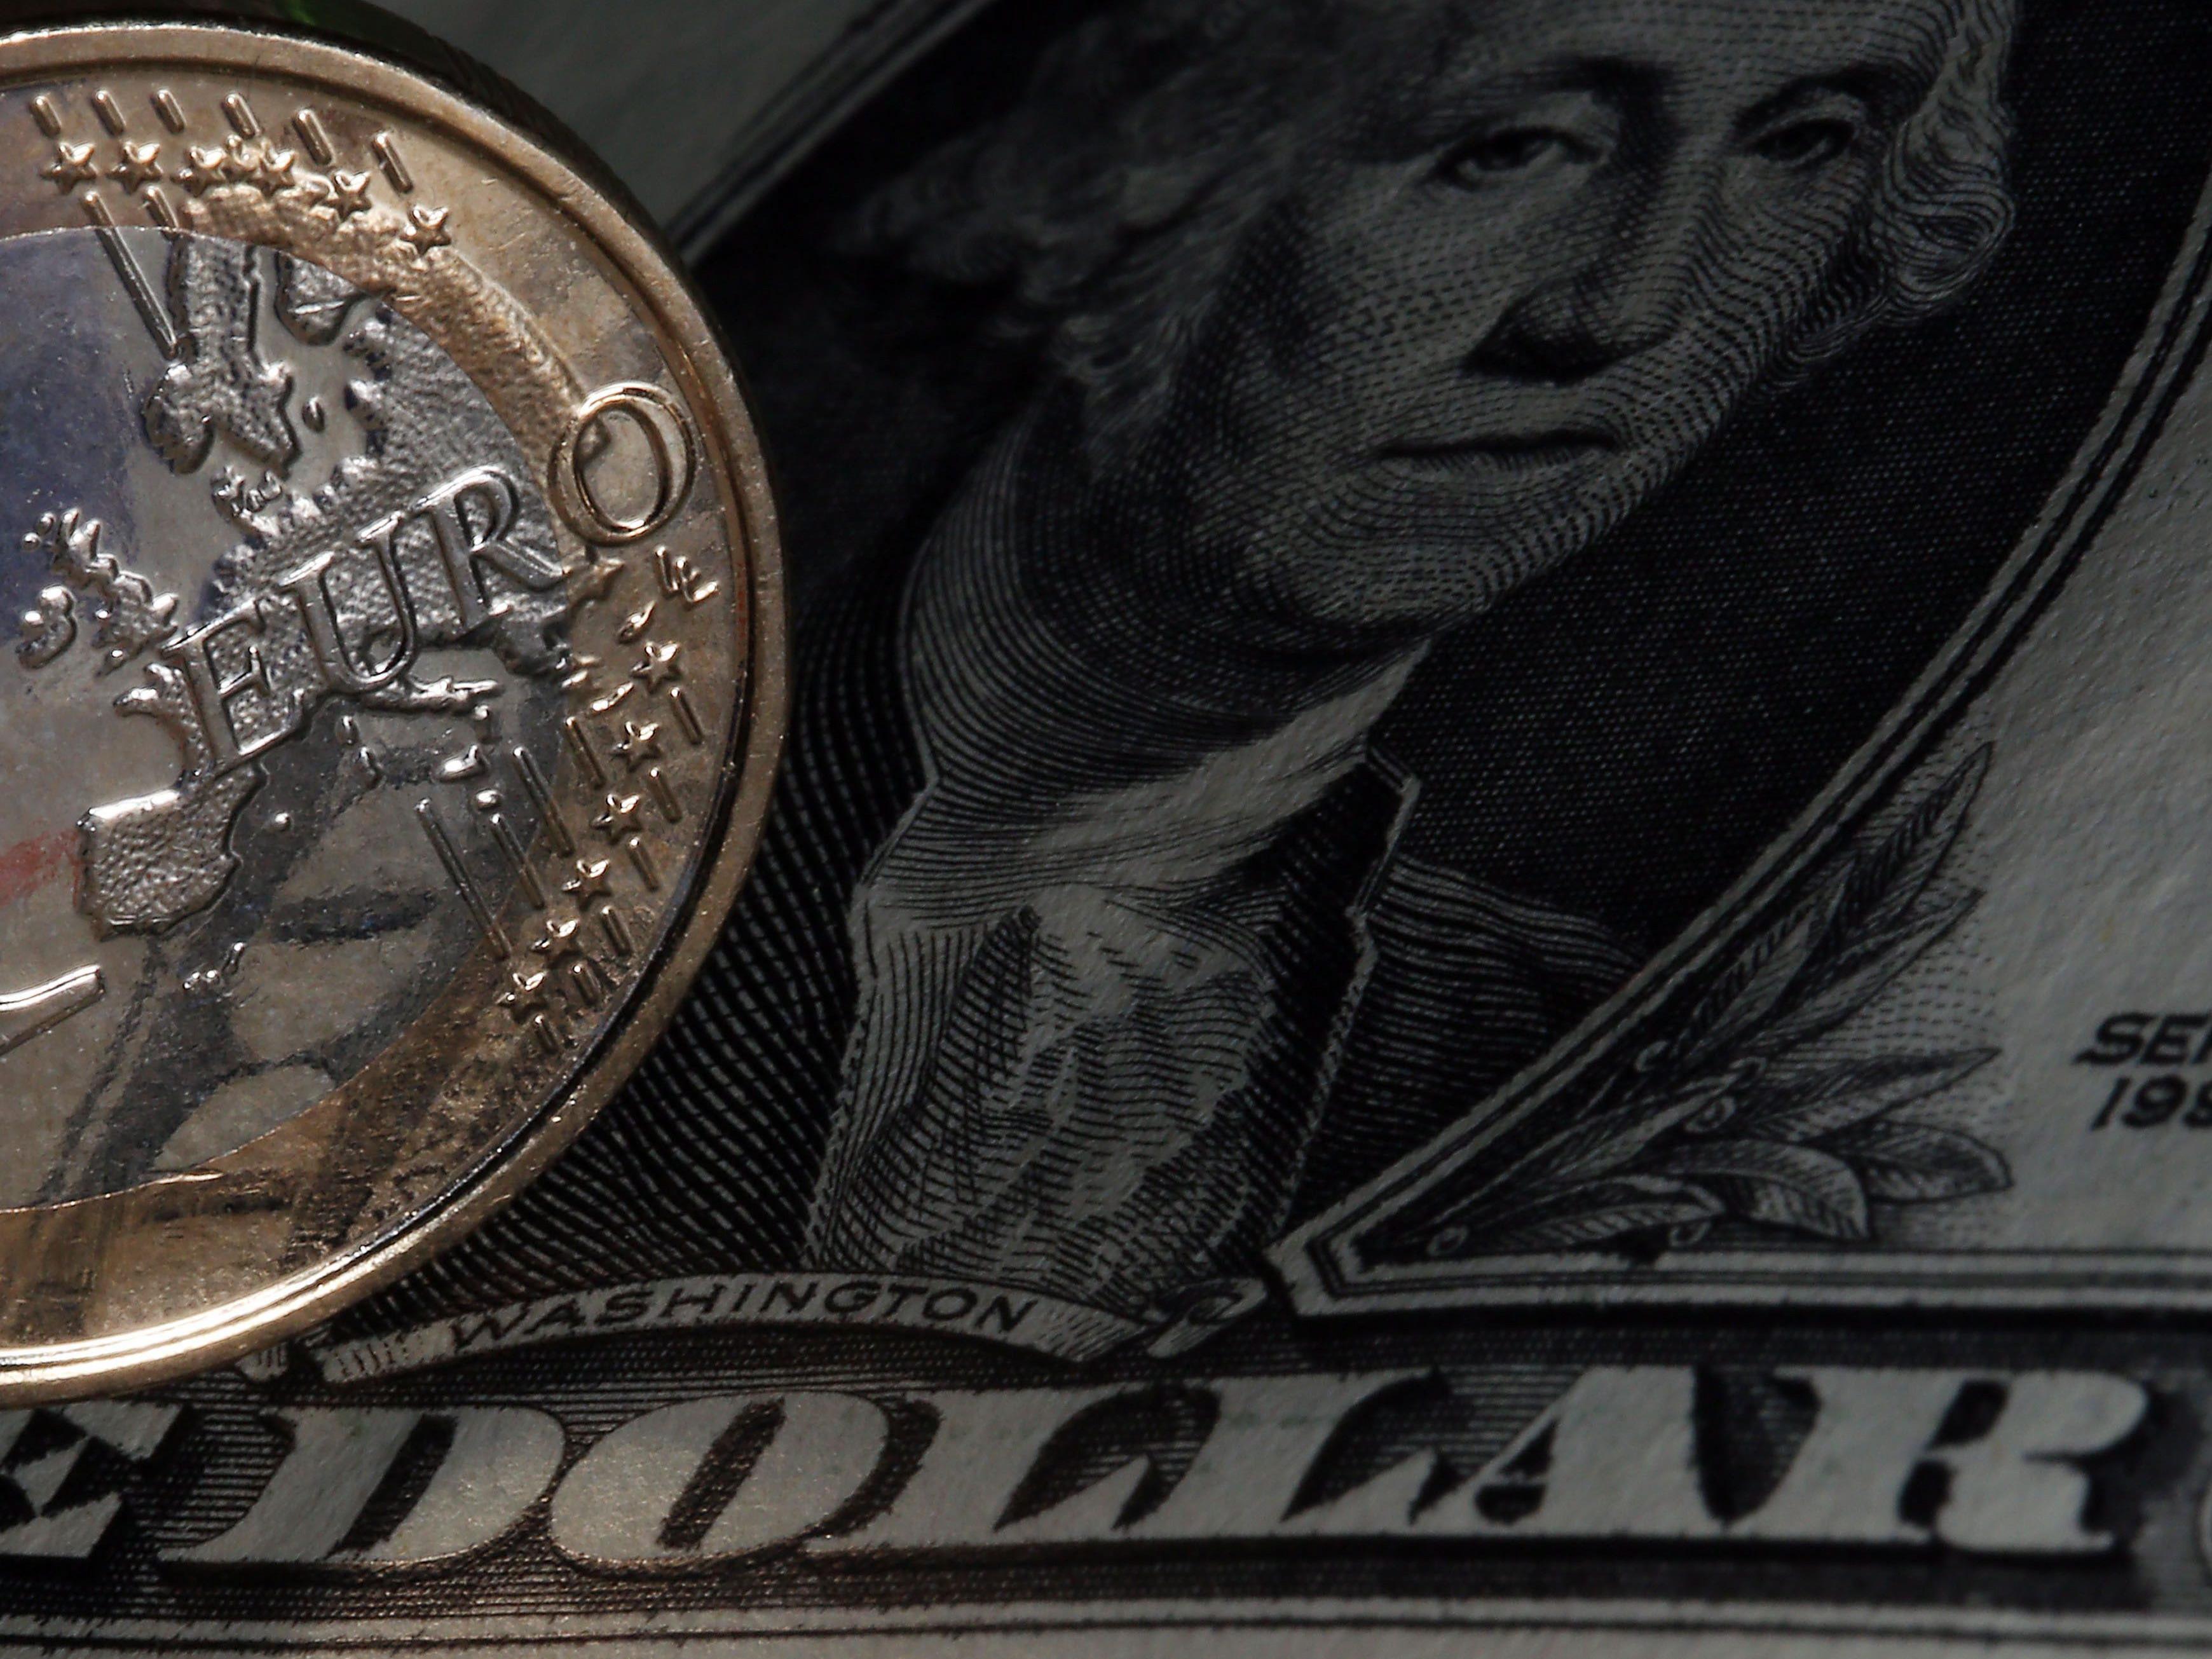 Jahresinflation in Eurozone auf niedrigstem Stand seit Oktober 2009 gesunken.